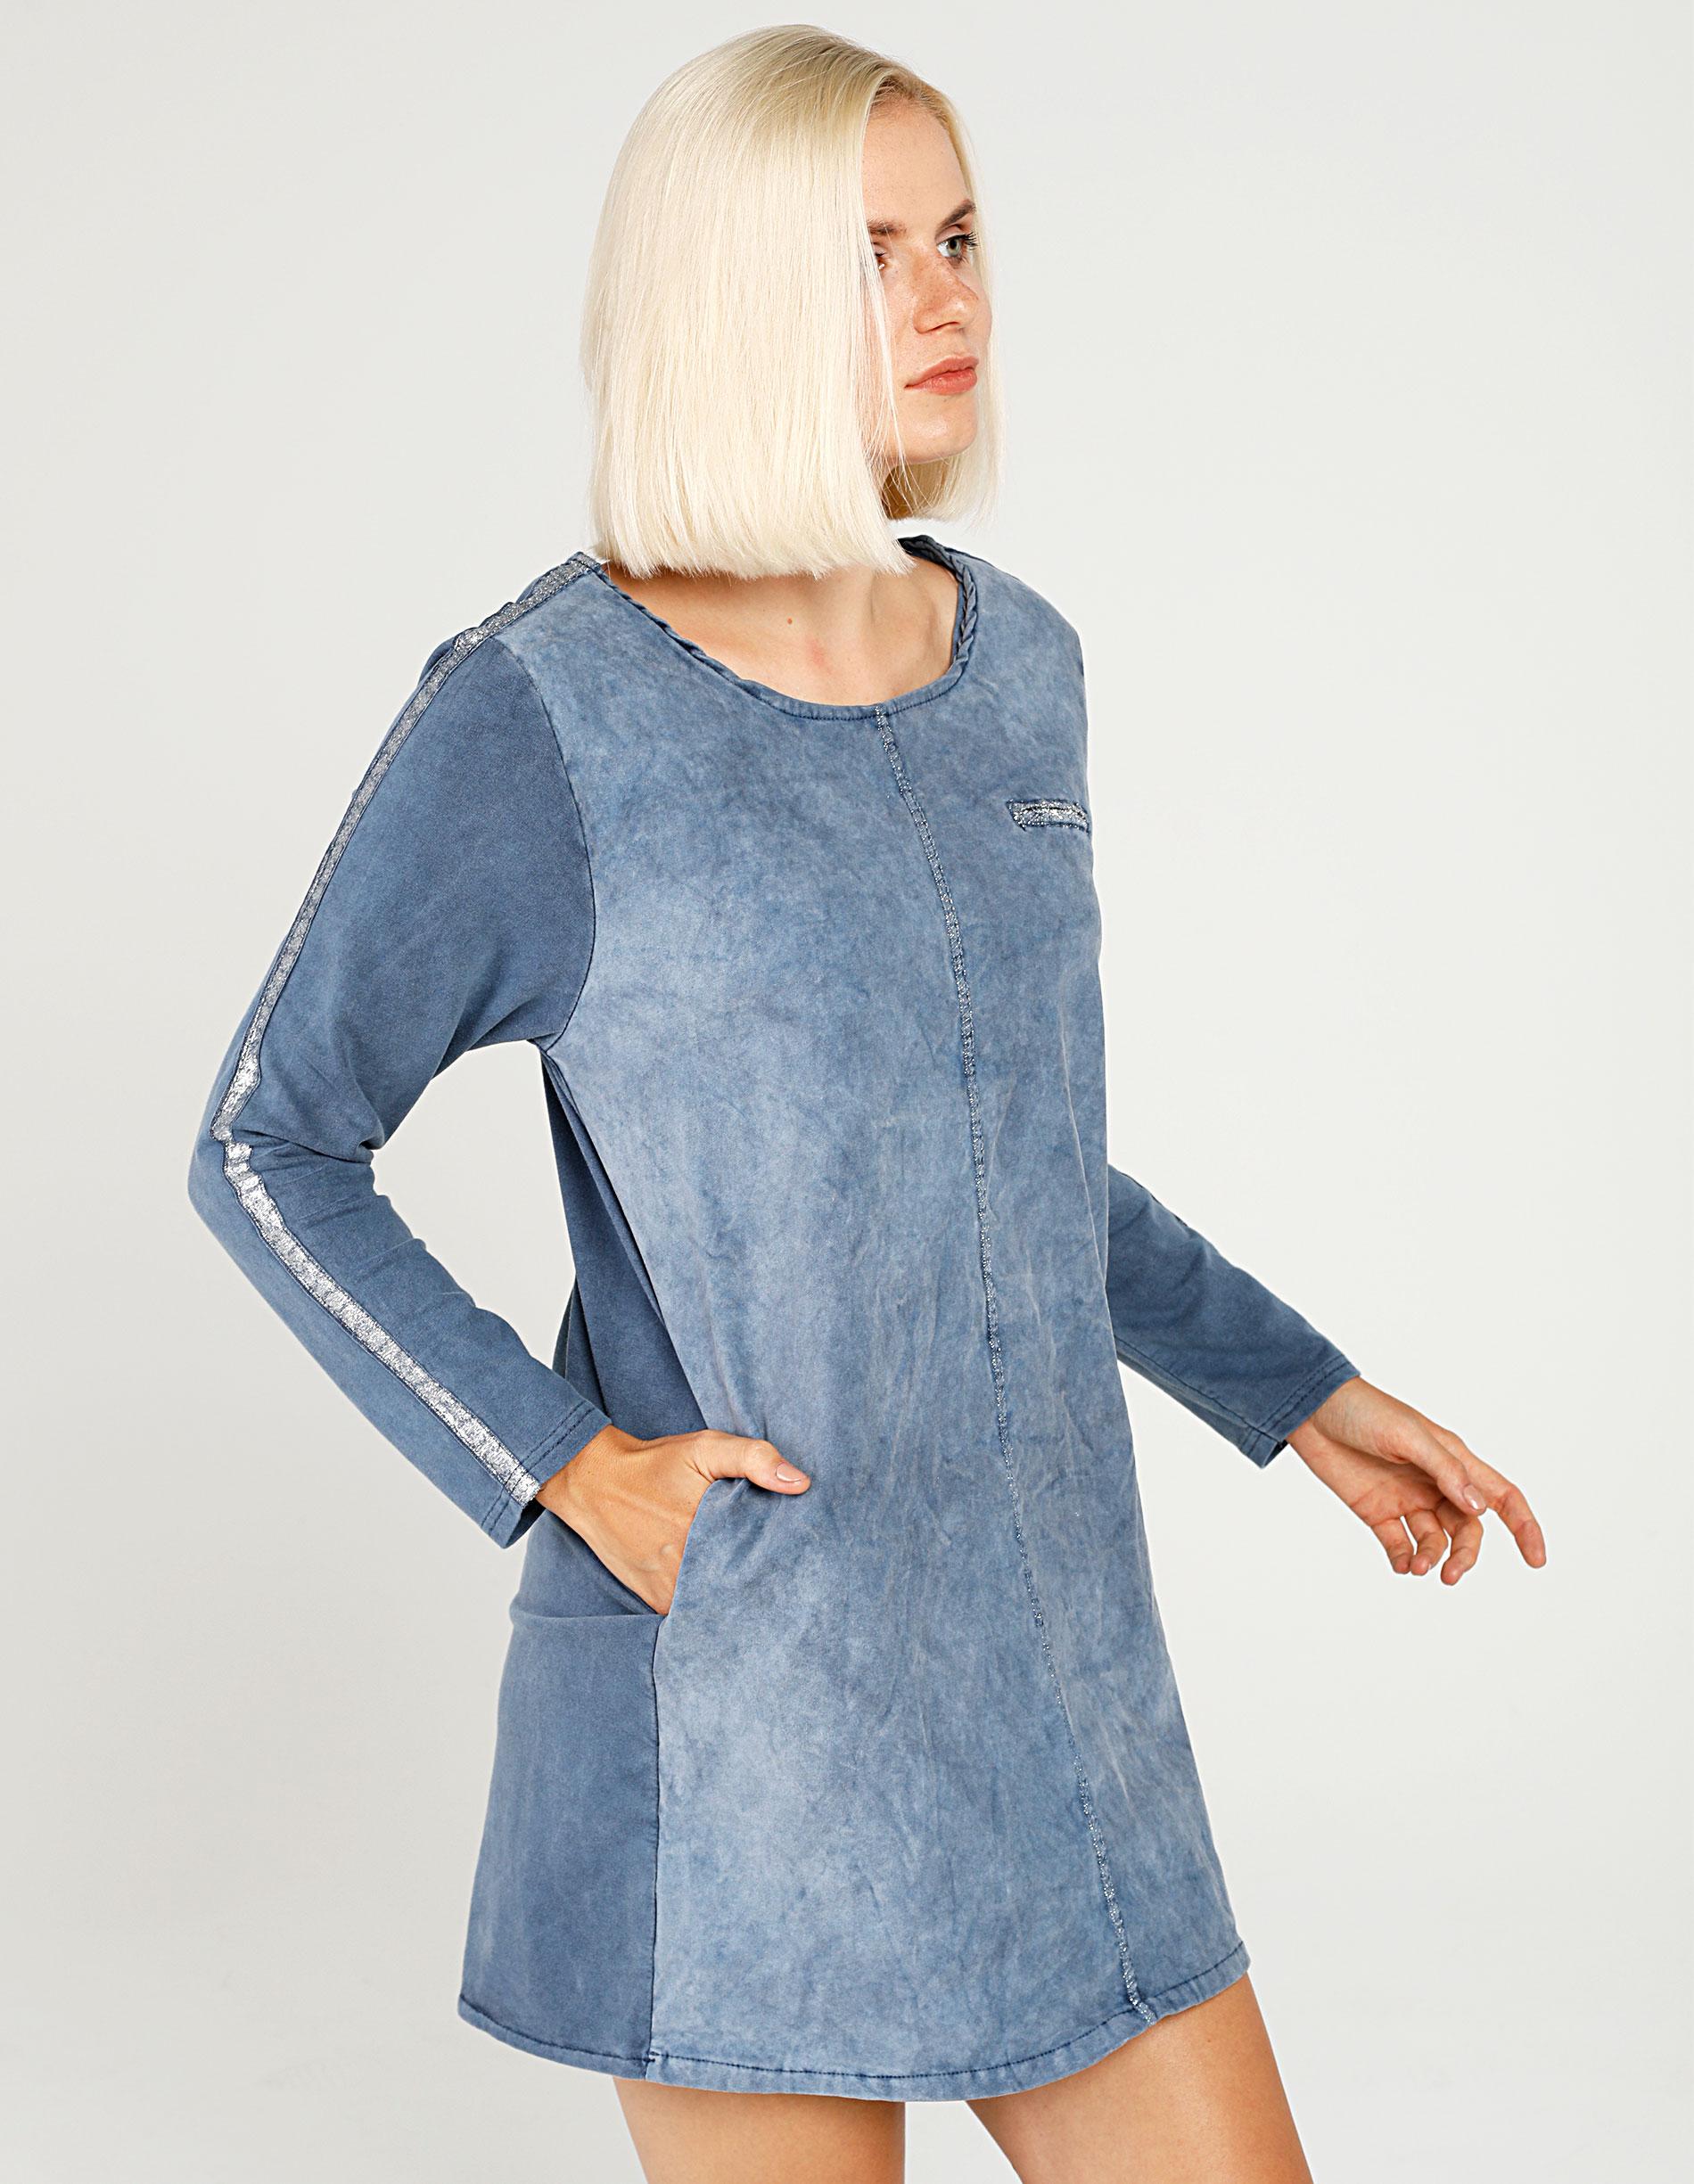 Sukienka - 141-8768 JEAN - Unisono